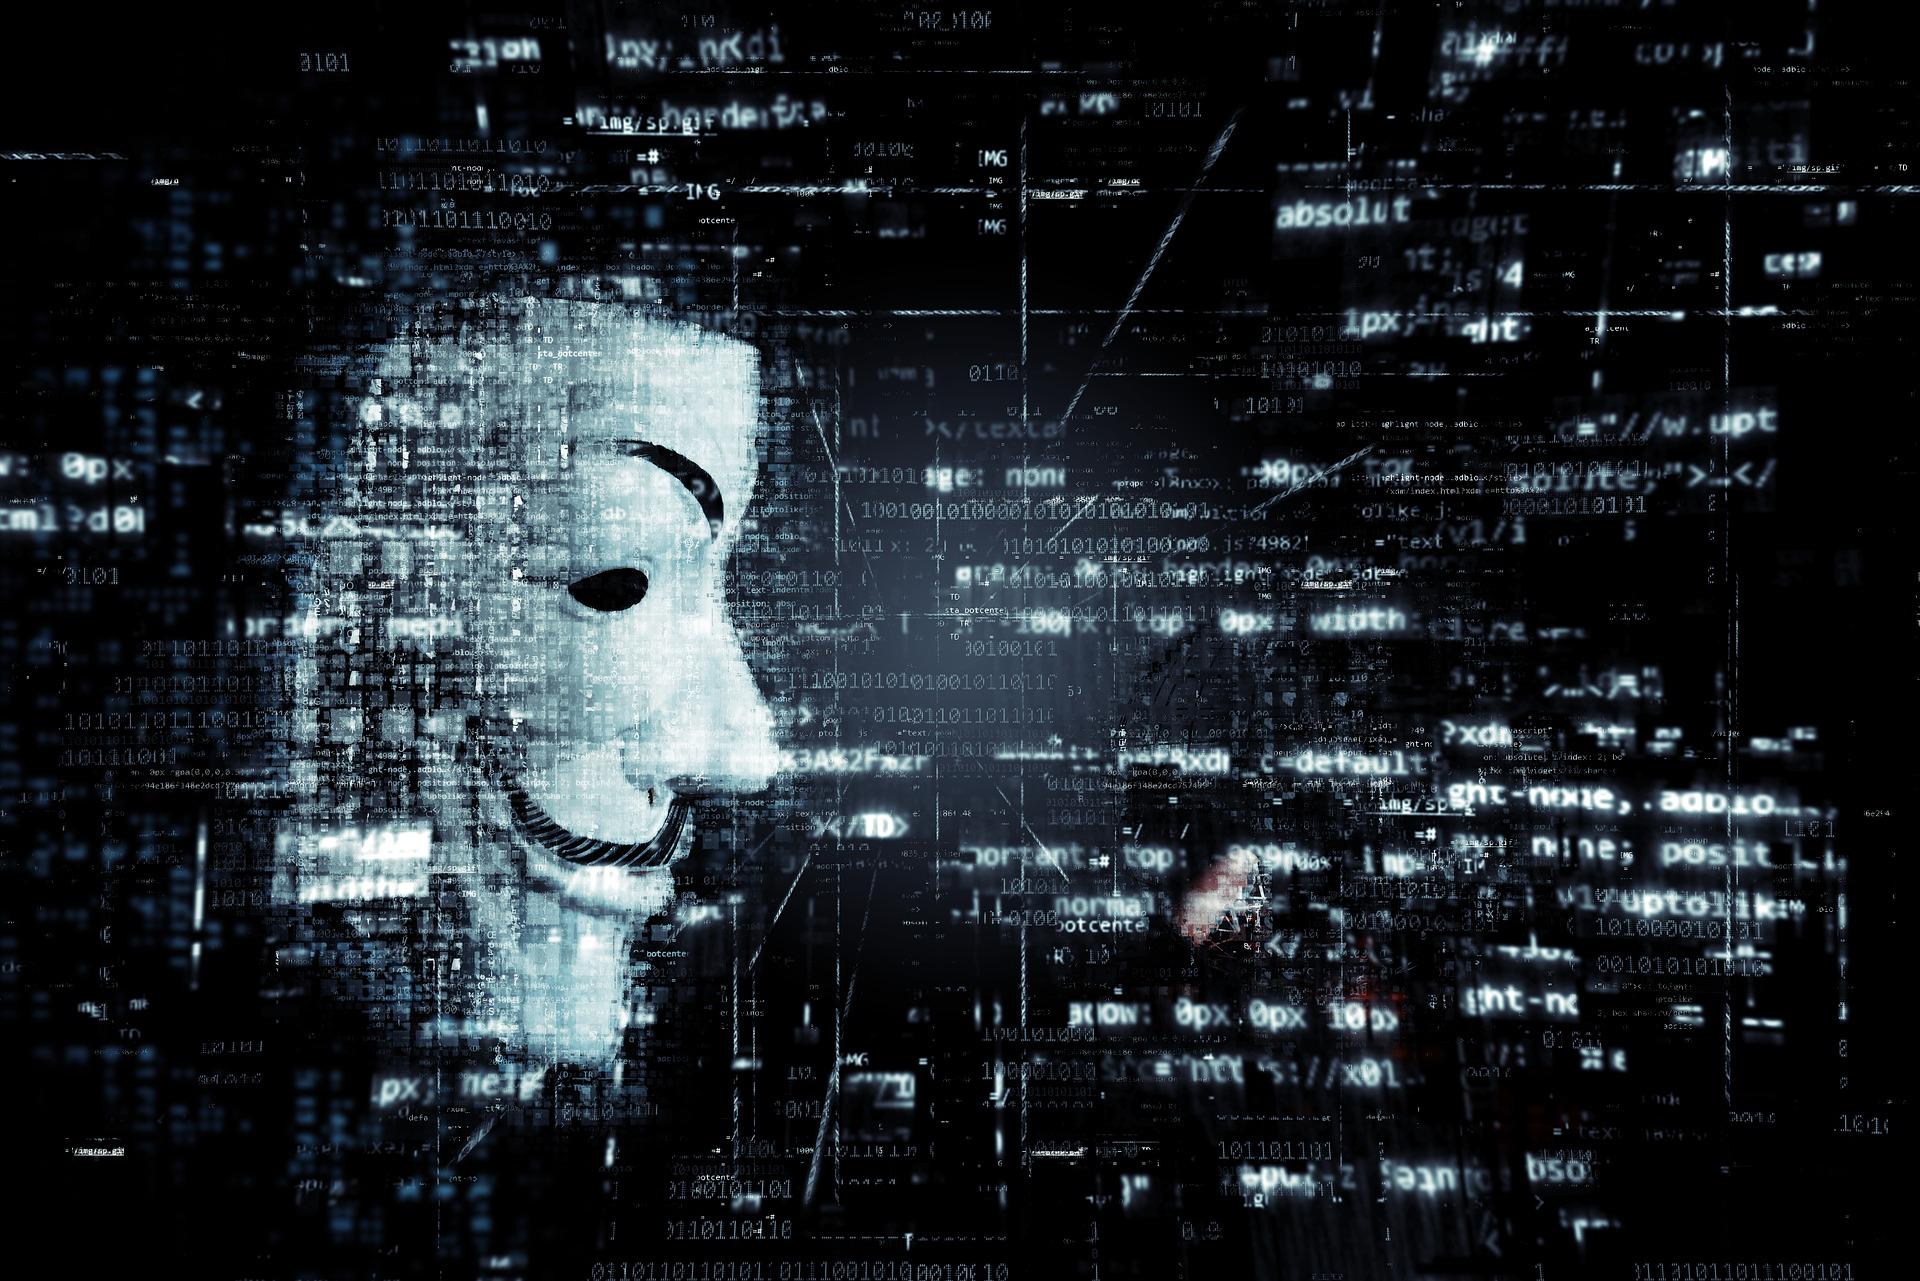 🔥 «Чистое небо» предлагает разрывать договоры с провайдерами, уличенными в пиратстве